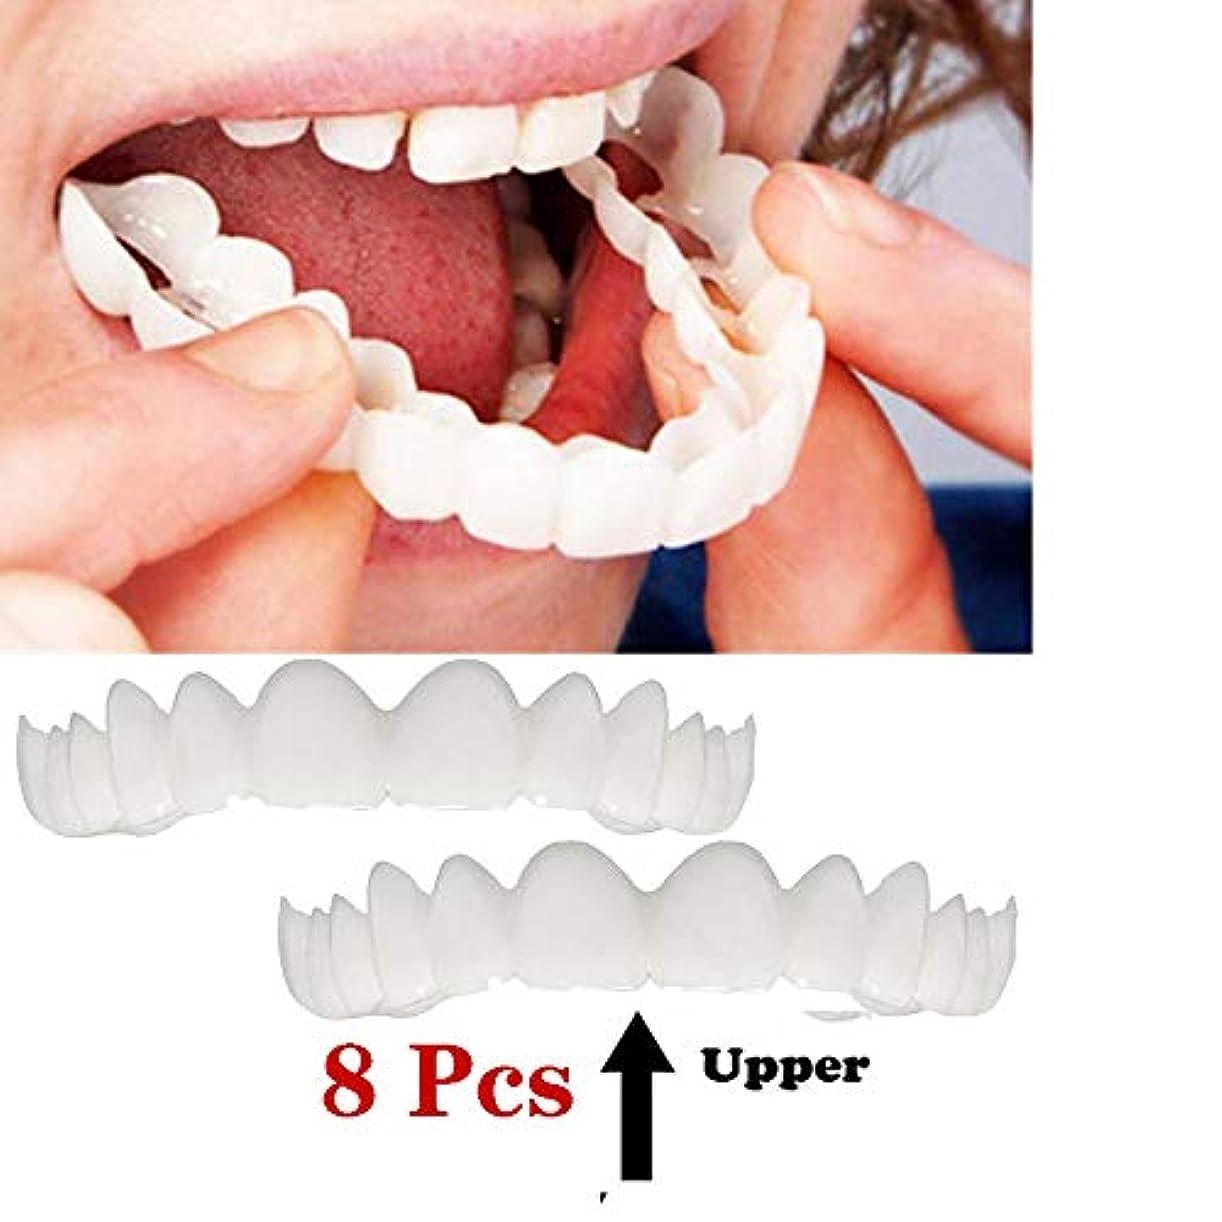 憤る論文換気突き板歯の一時的な化粧品の歯義歯の歯シミュレートされたブレースアッパーブレースホワイトニングの歯の美しい快適さフィットフレックス化粧品の歯義歯の歯トップ化粧品のベニヤ